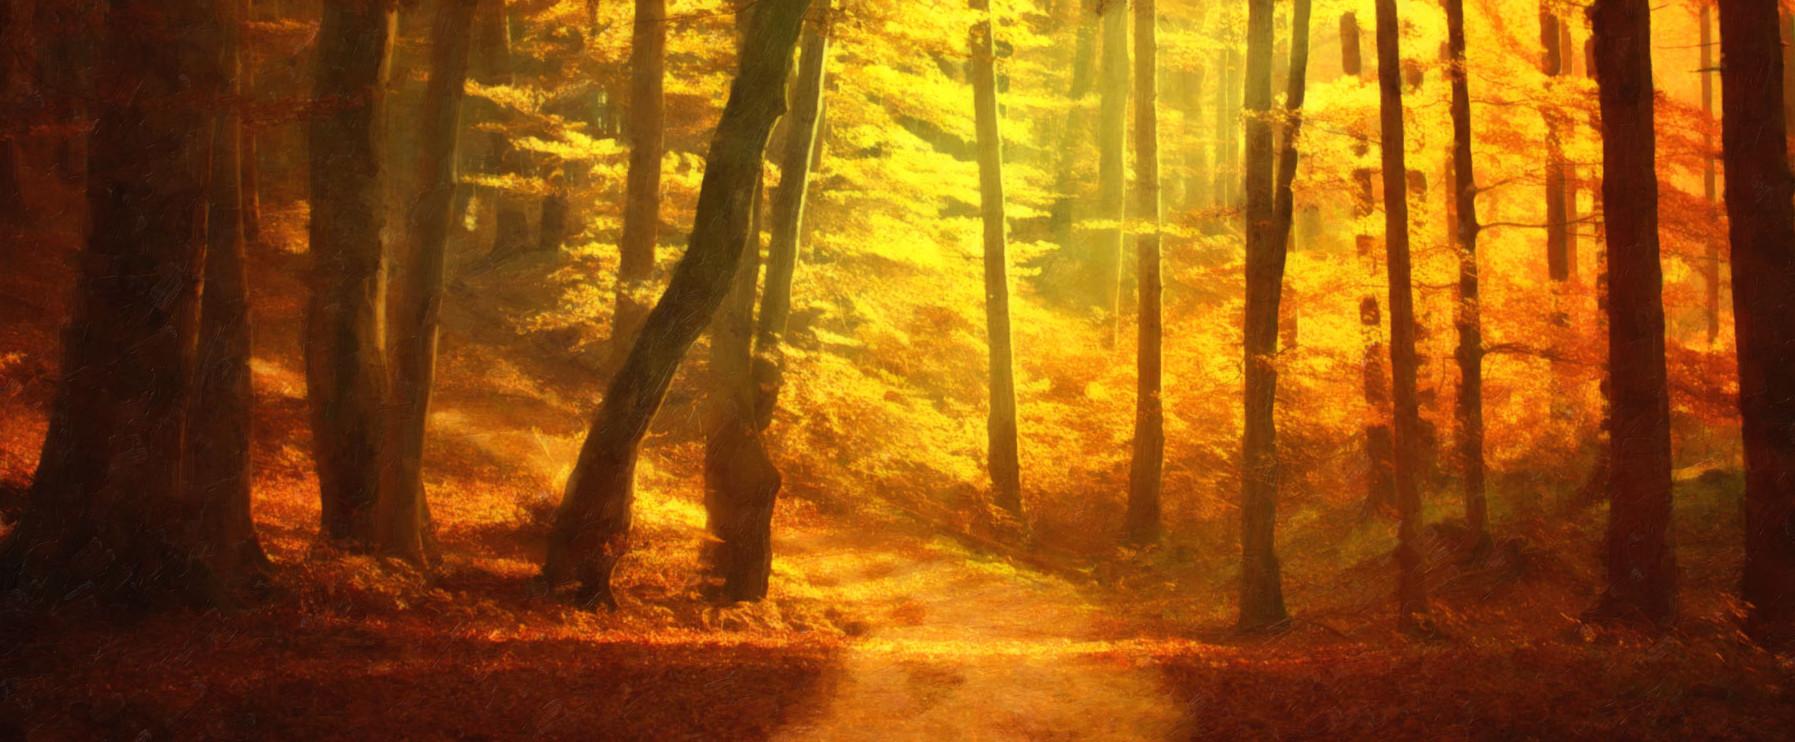 Autumn's Fire by E. C. Spillman